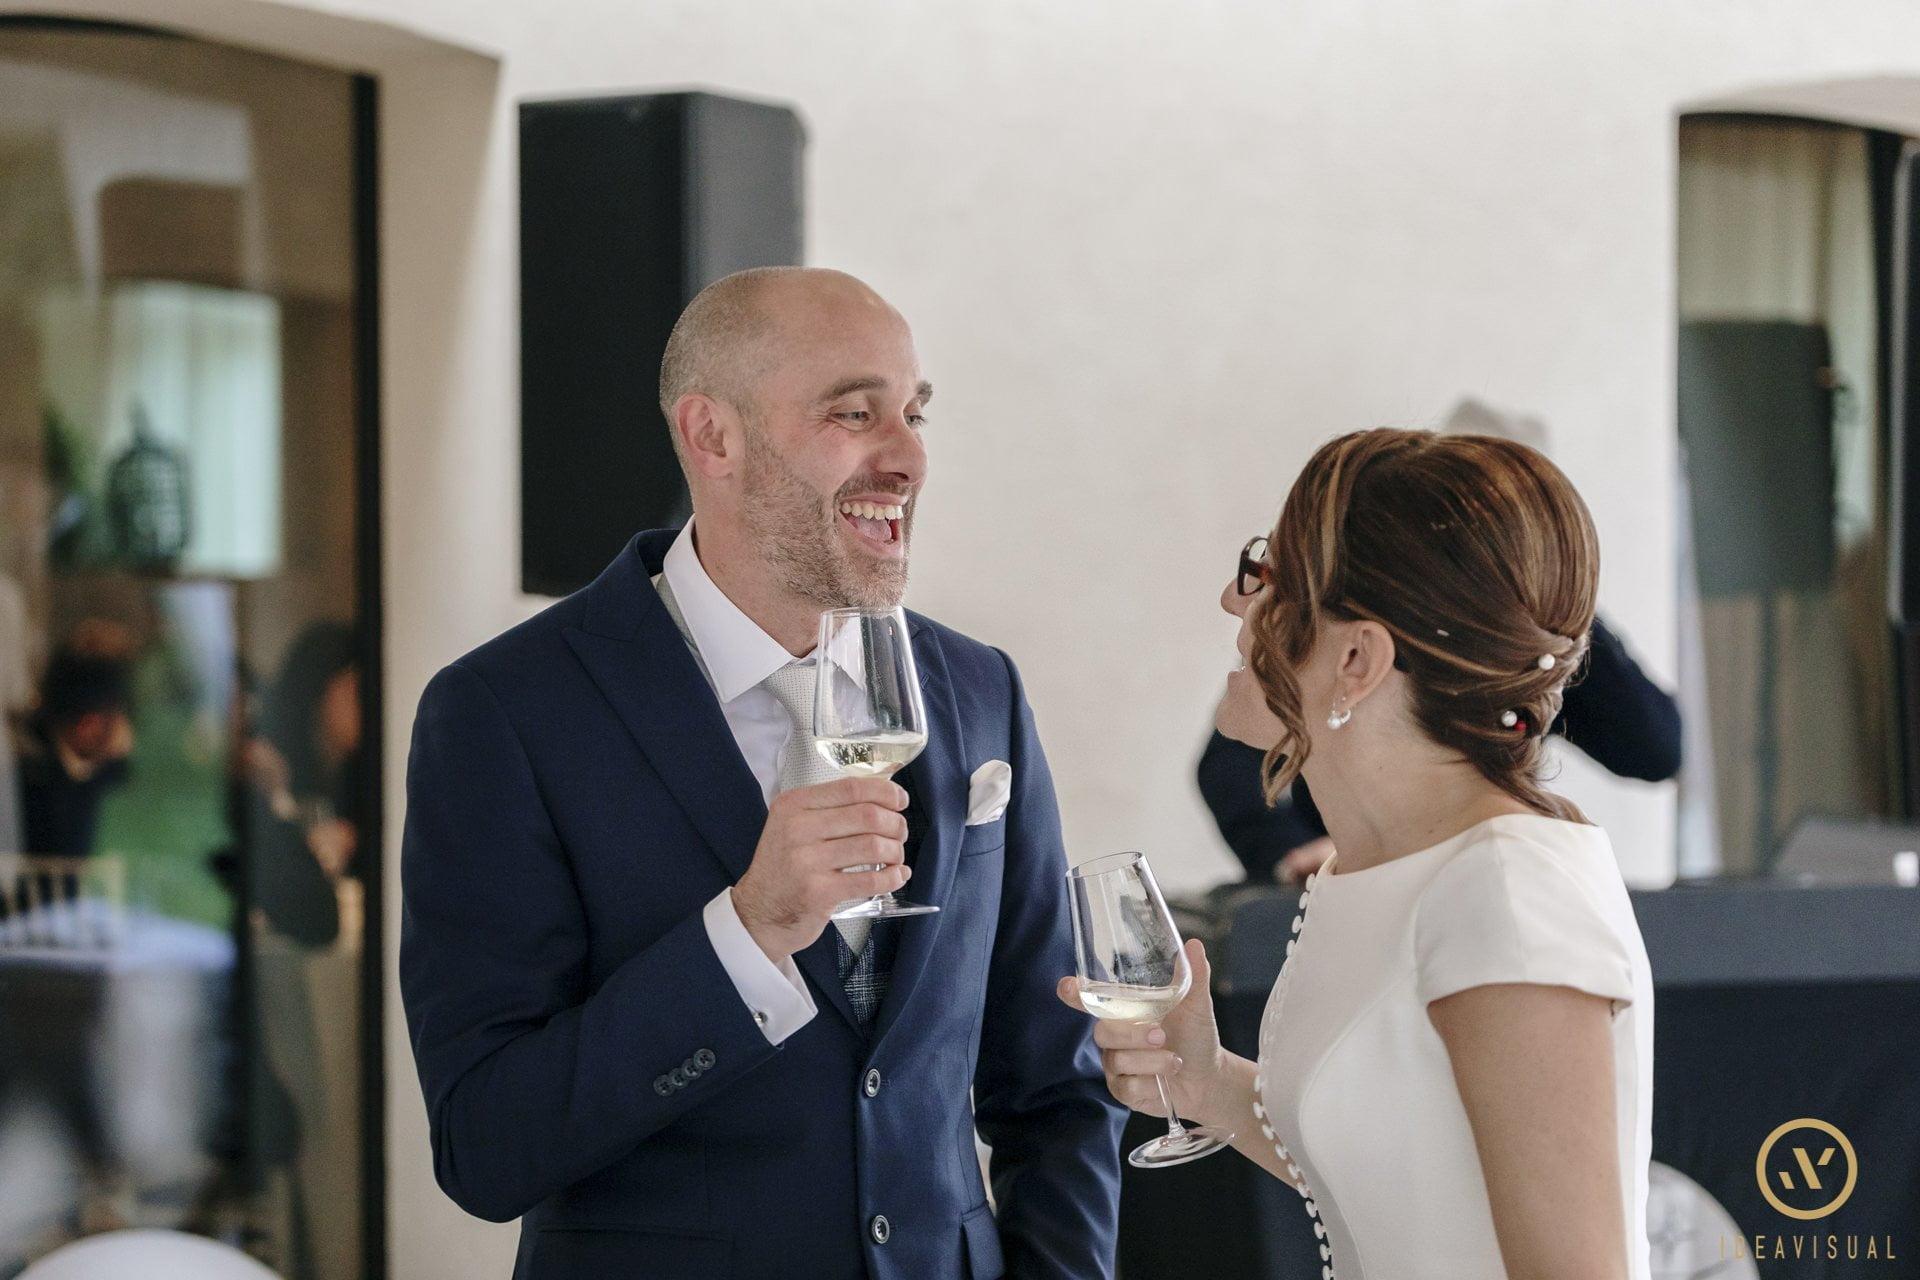 foto brindisi sposi matrimonio tenuta polvaro